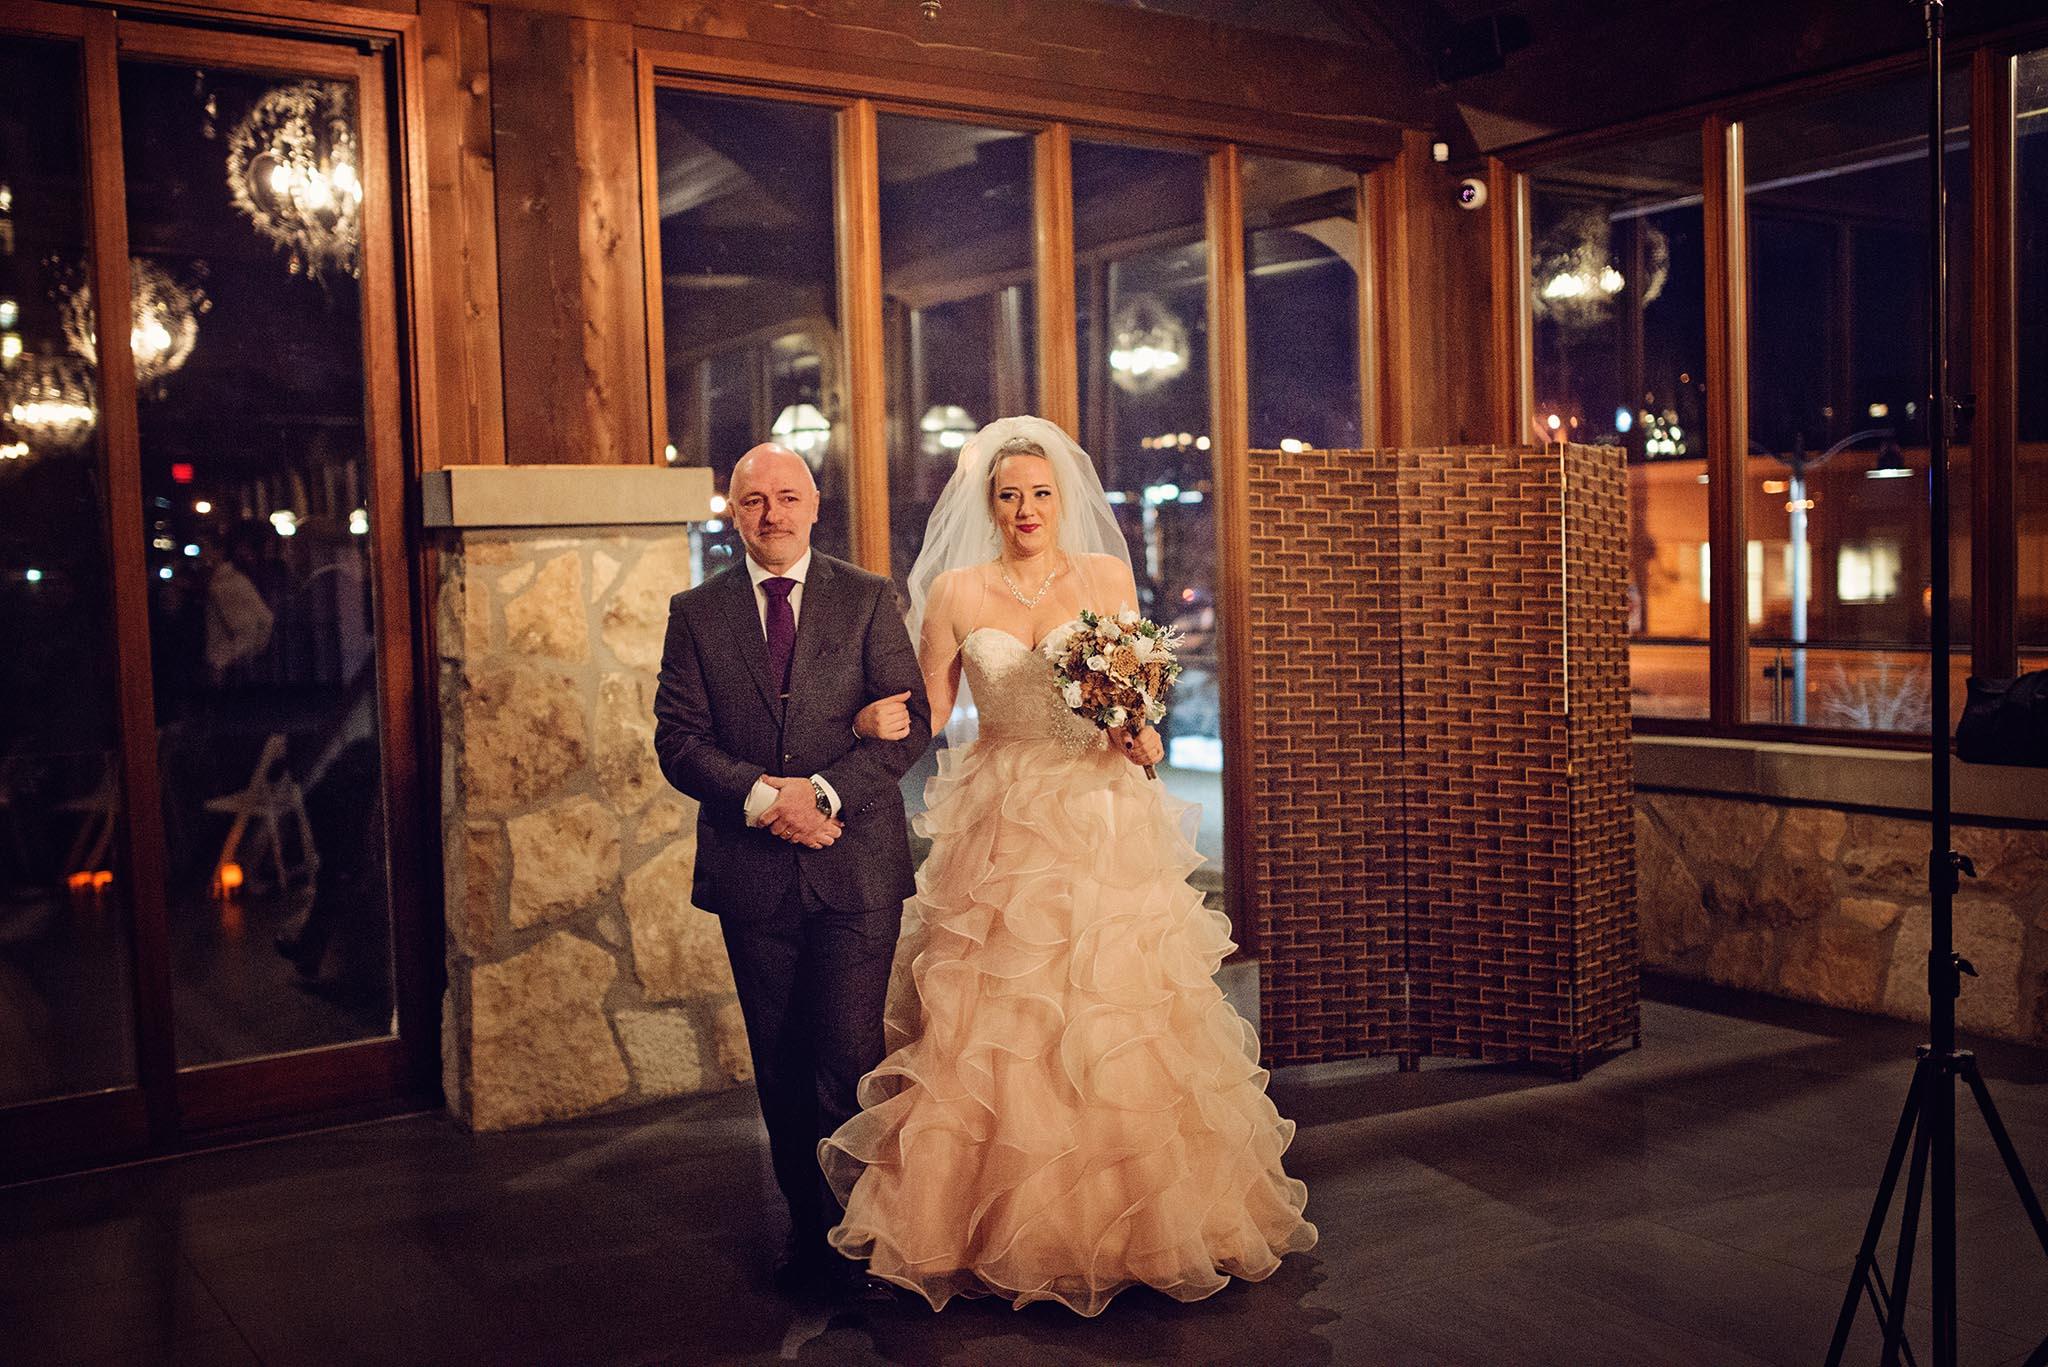 Peter-Bendevis-Photography-Kris-Laura-Cambridge-Mill-Winter-Wedding12